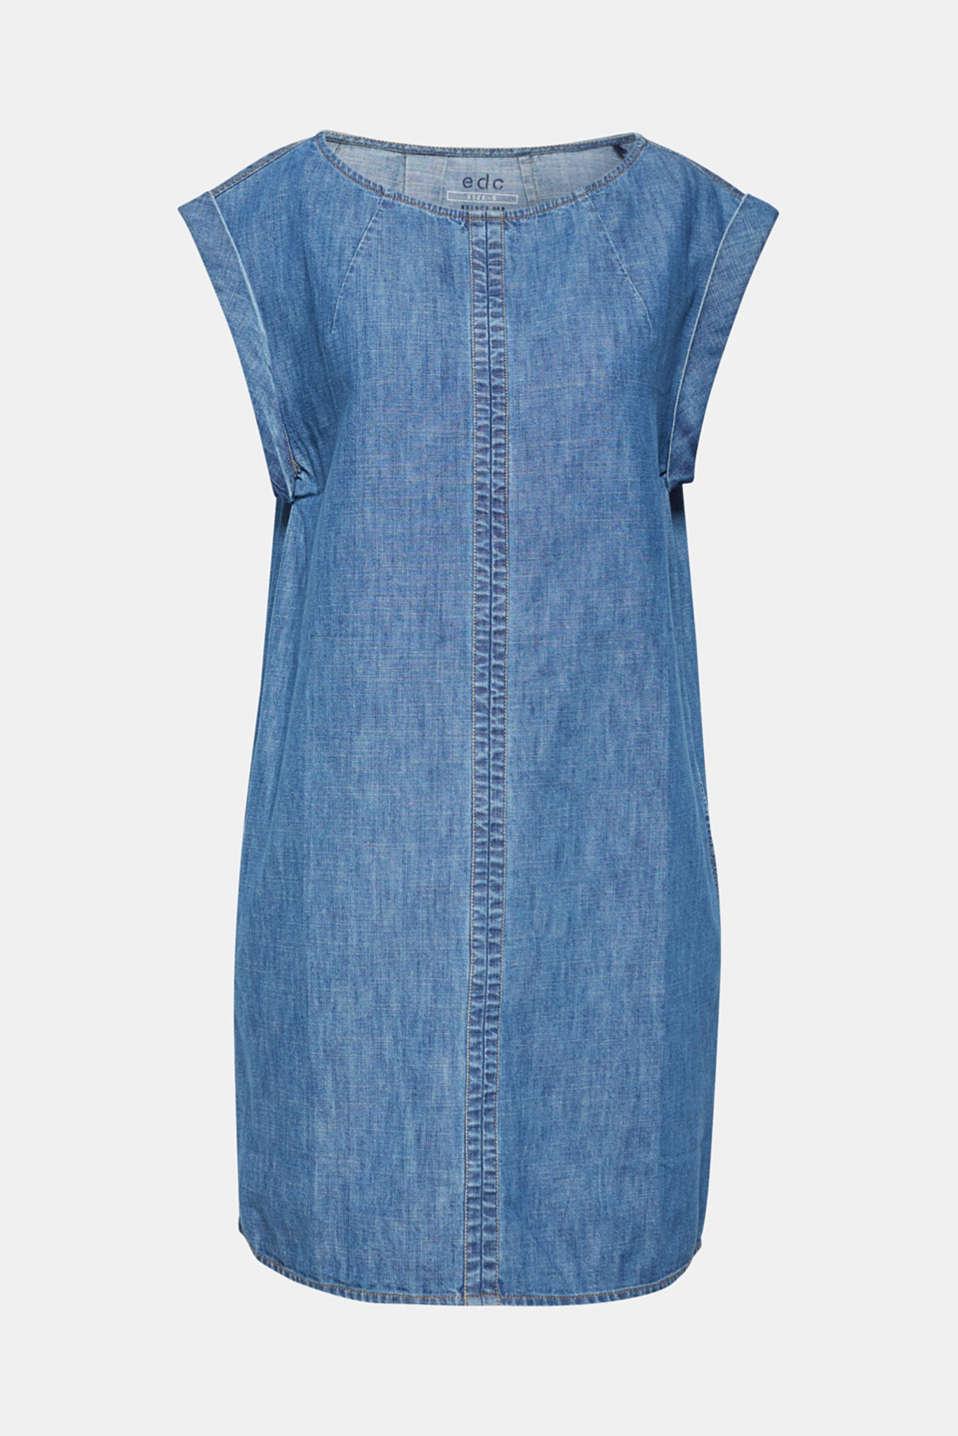 Dresses denim, BLUE DARK WASH, detail image number 7